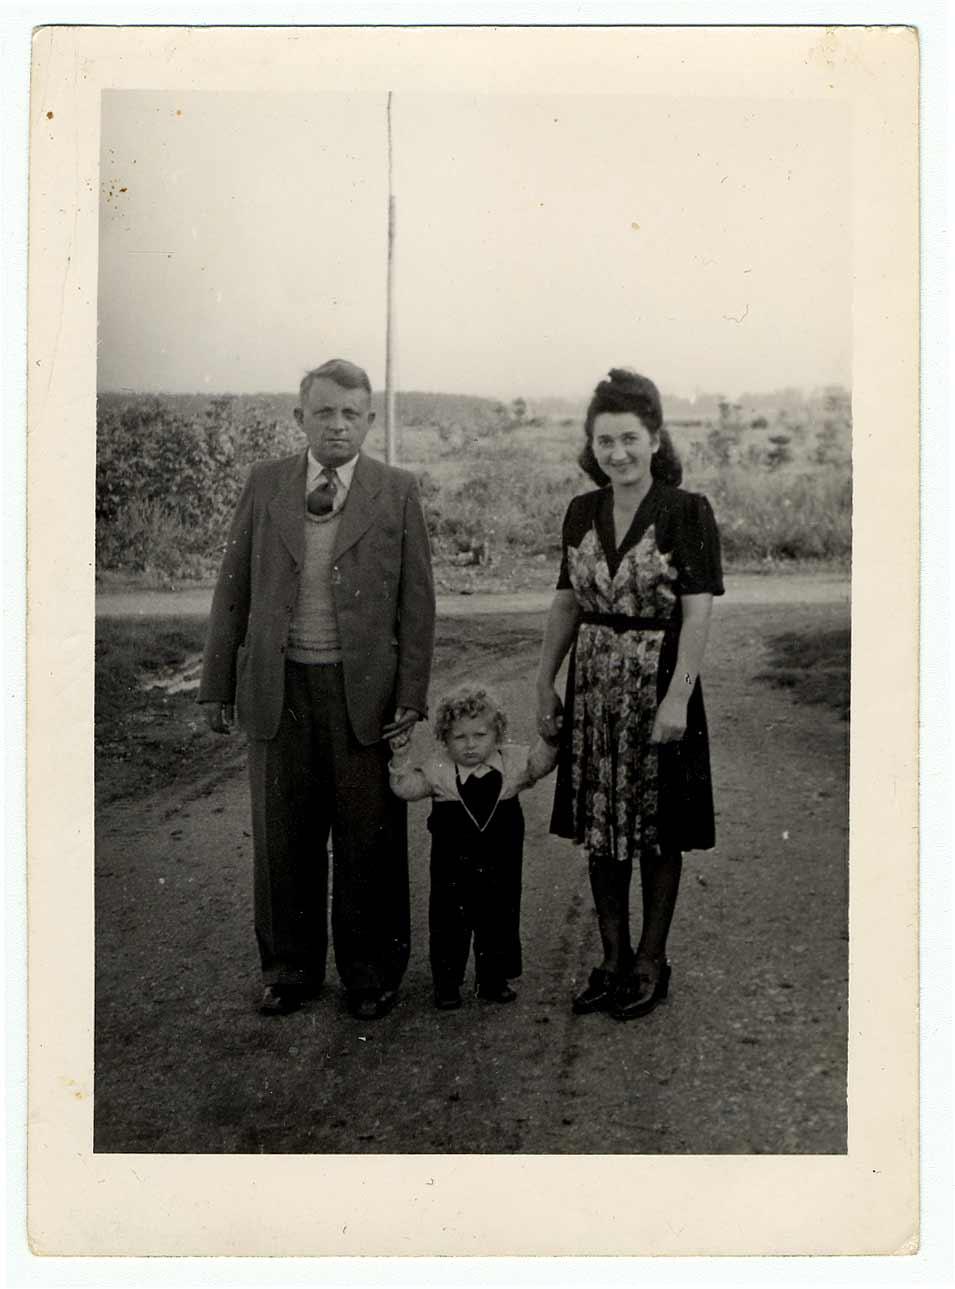 Une photographie de Max Beer et de ses parents dans le camp de personnes déplacées de Pocking en 1948.